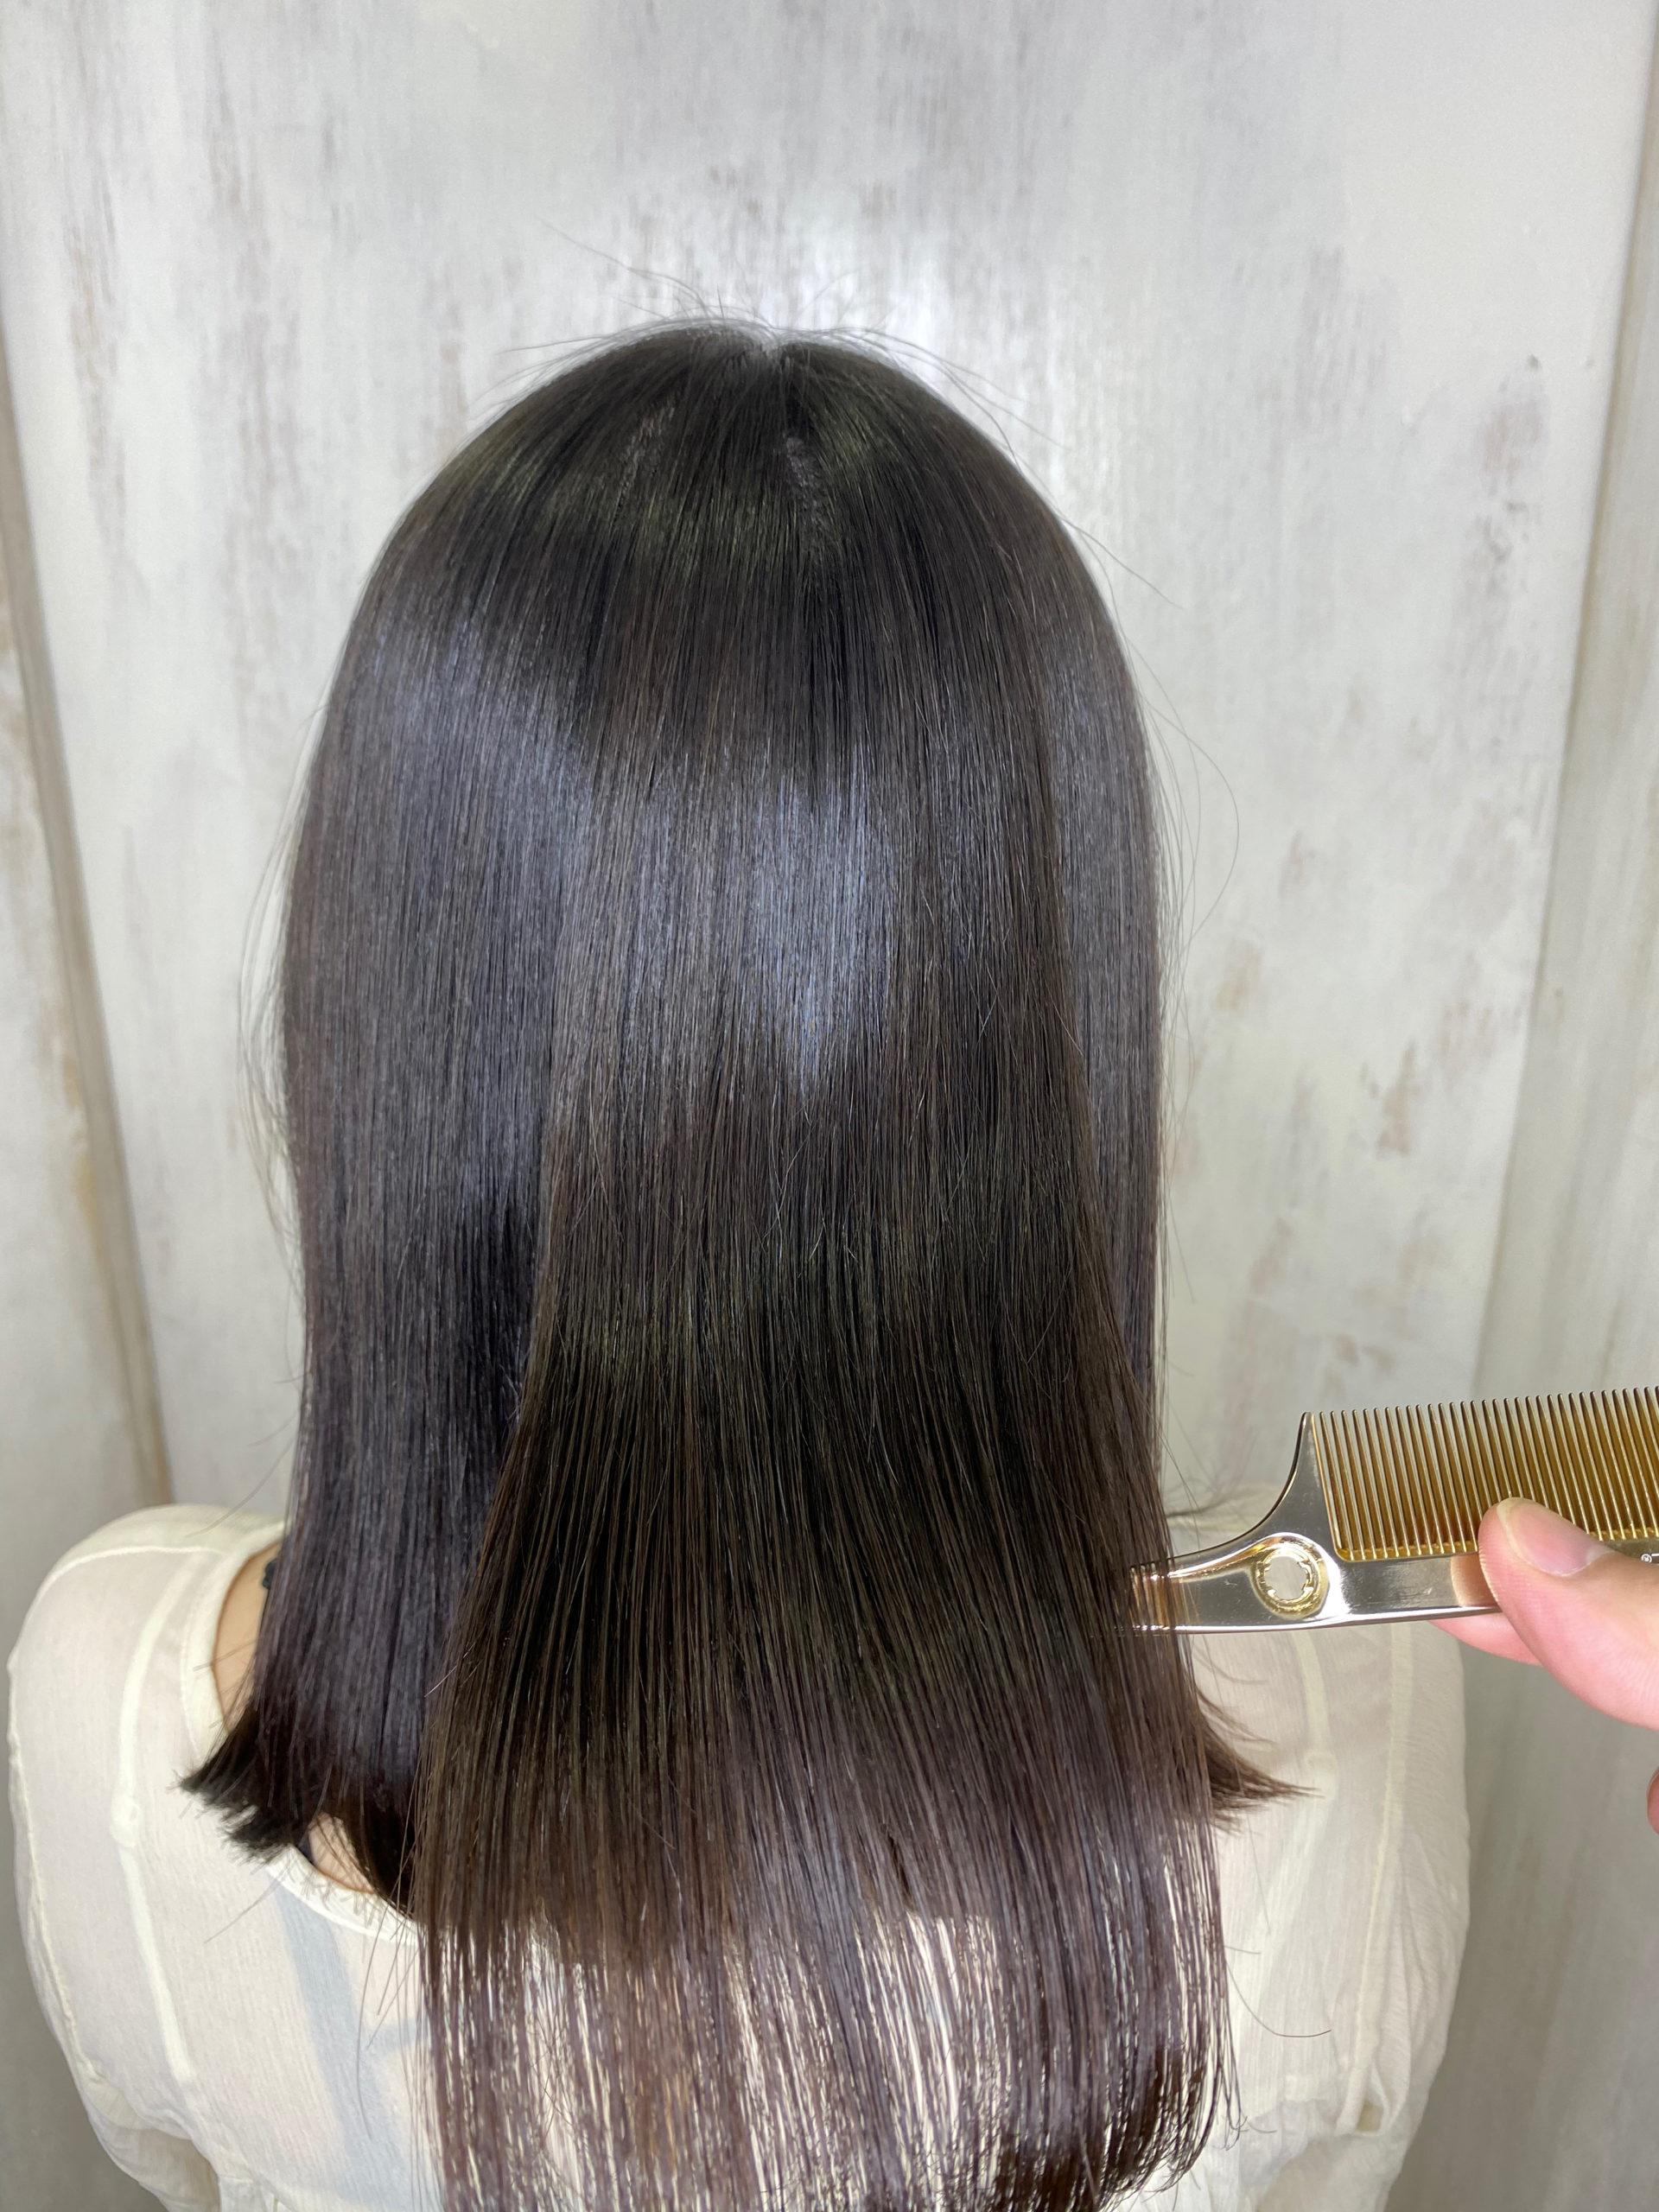 パサついて、広がる髪をジュエリーシステム×LULUトリートメント×縮毛矯正で艶髪ストレートヘアに変身。原宿・表参道『髪のお悩みを解決するヘアケア美容師の挑戦』